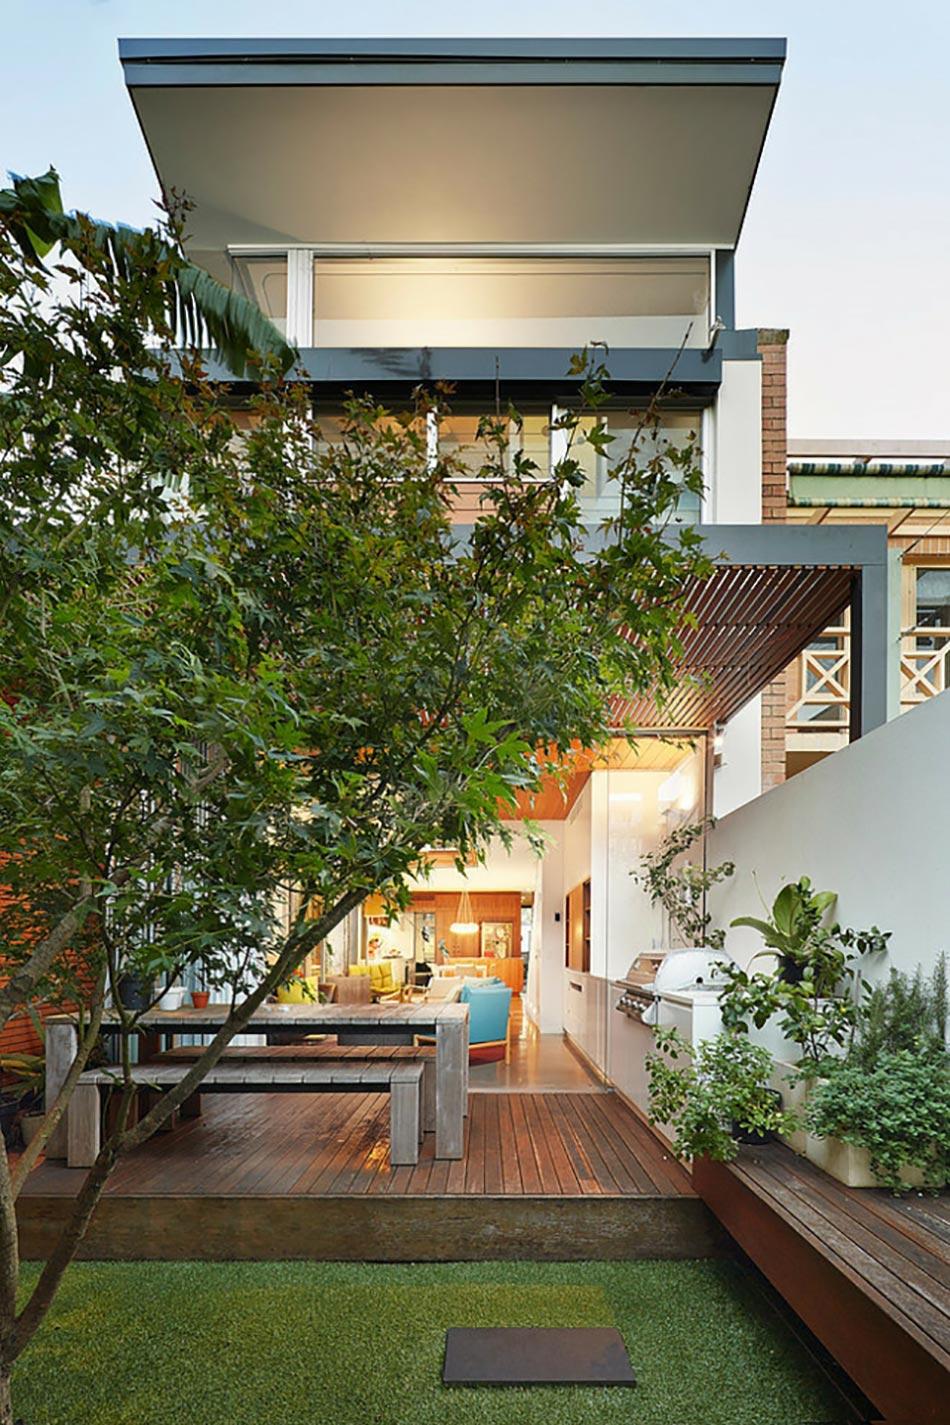 La terrasse en bois ou la prolongation de la maison en plein air design feria - Jardin dans une maison poitiers ...